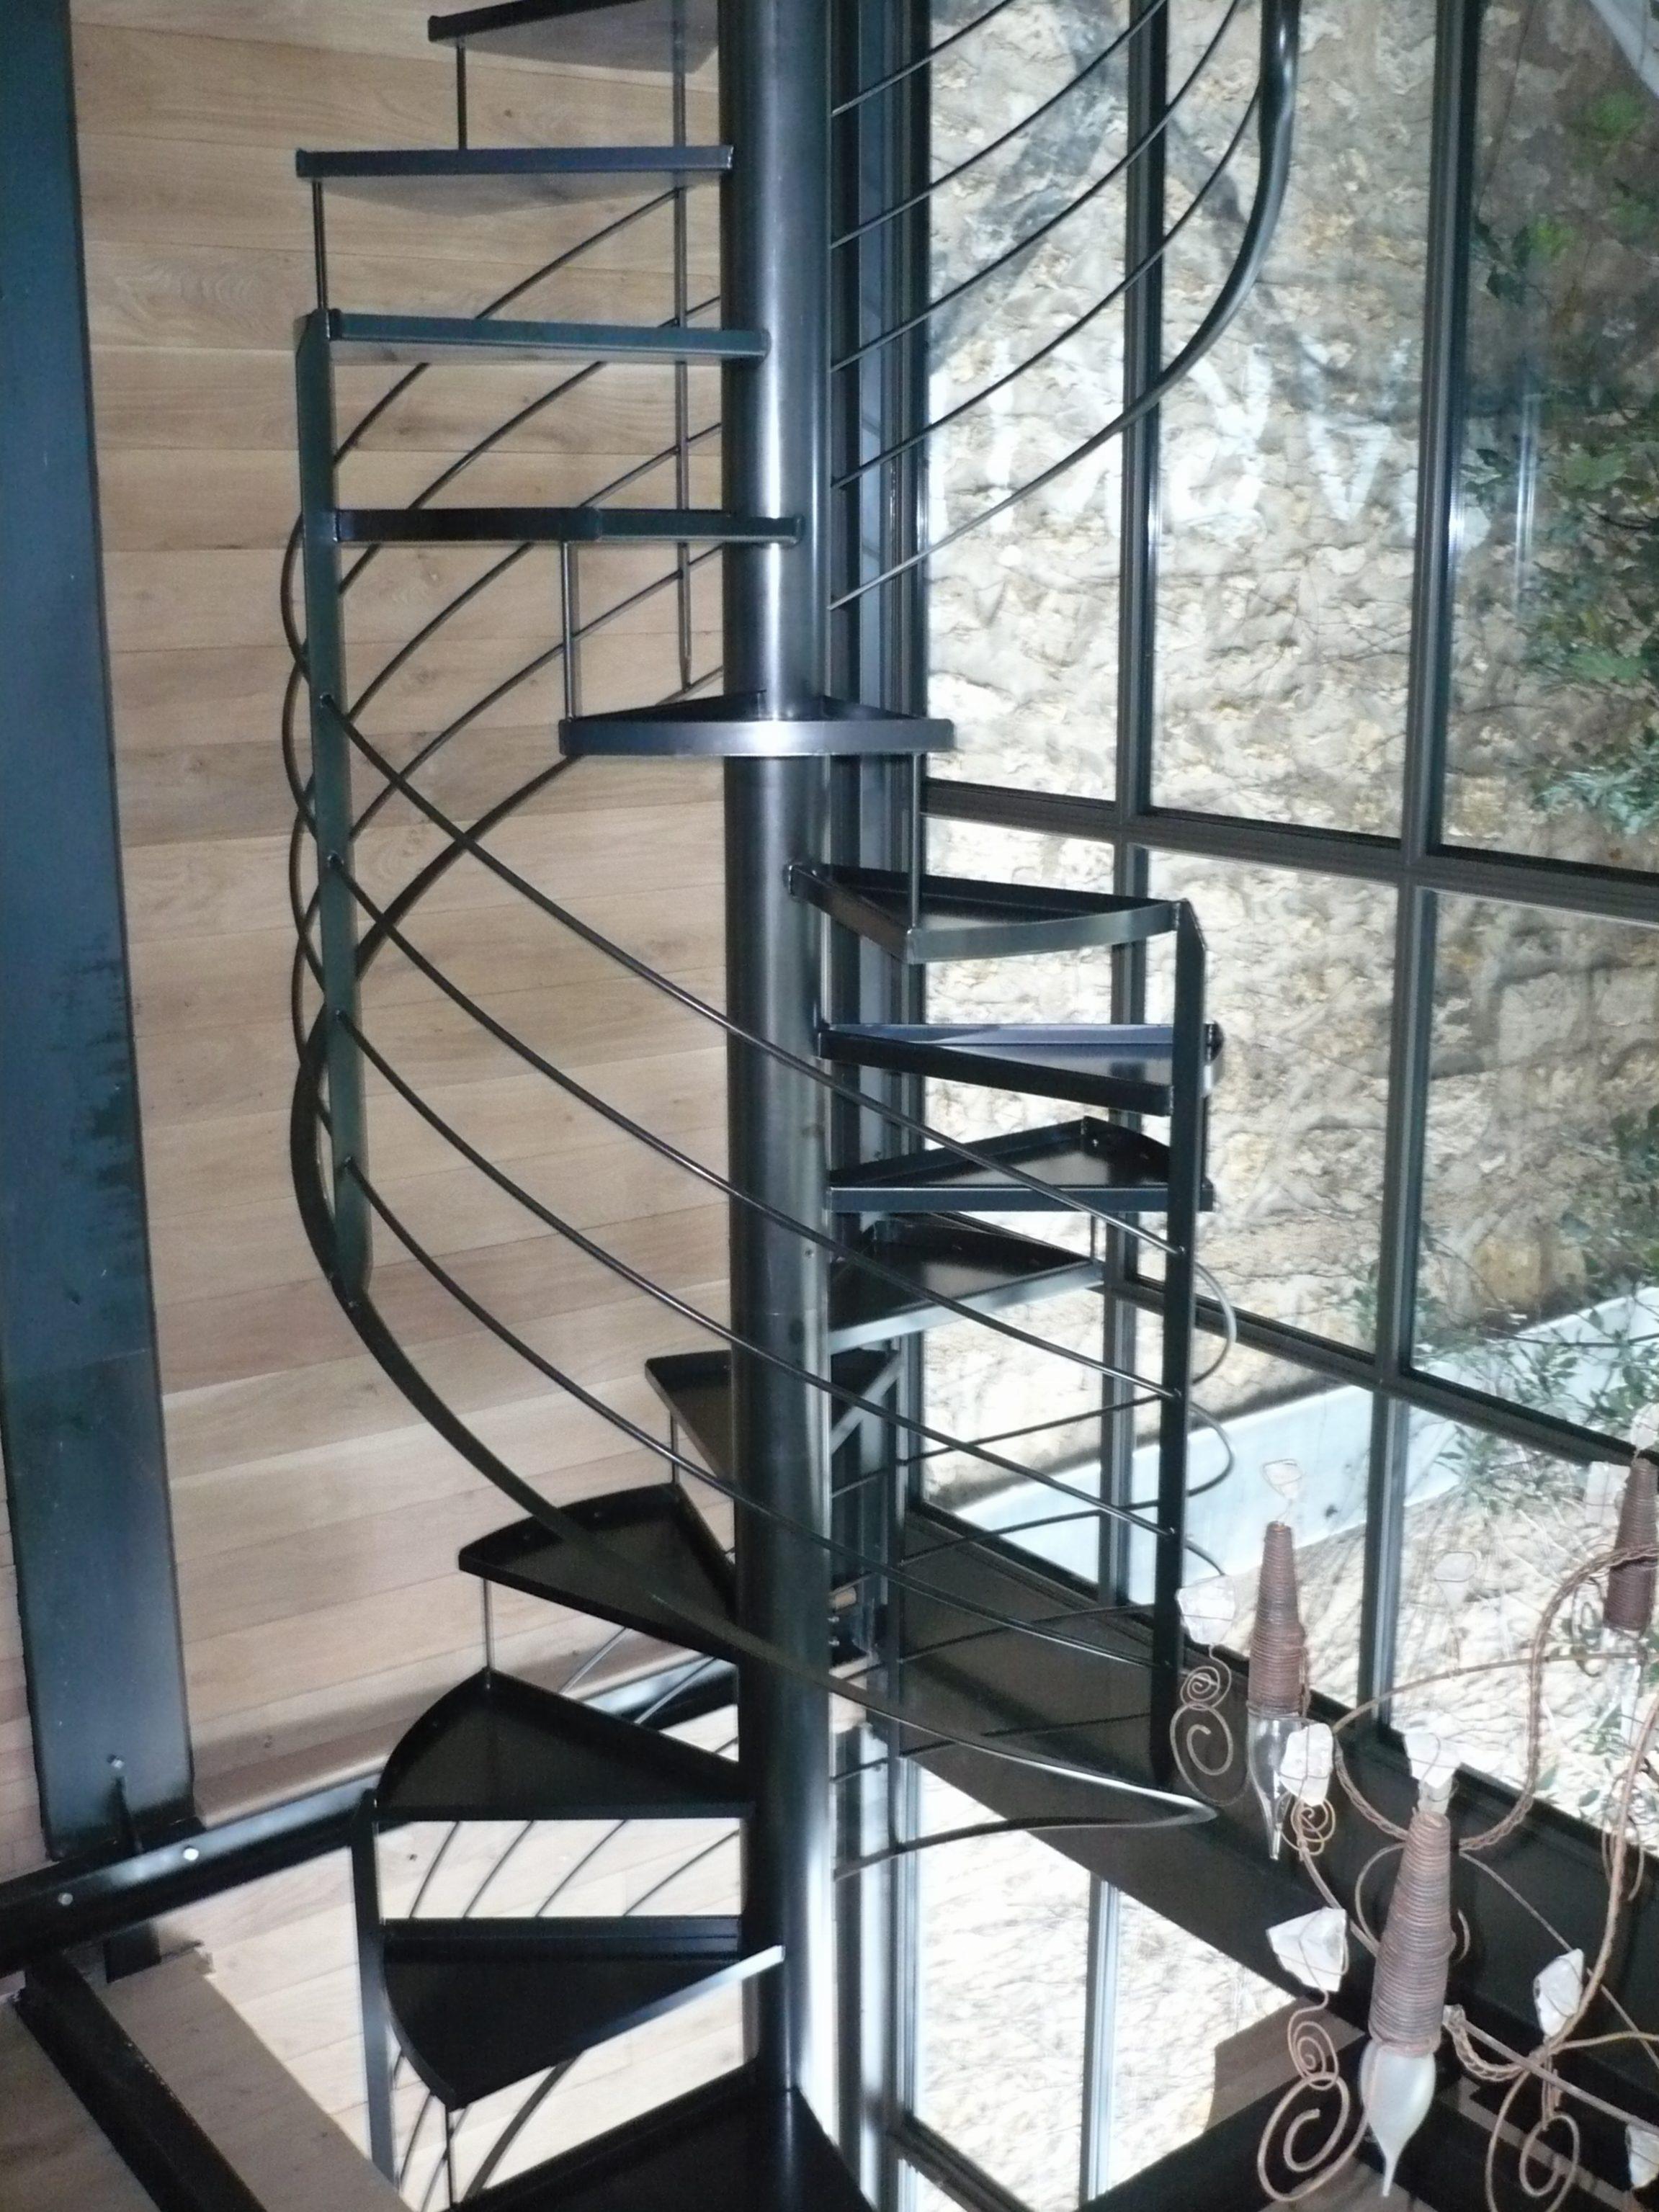 Magnifique Escaliers - Entreprise Rageau - Menuiserie métallerie - Poitiers @UI_24